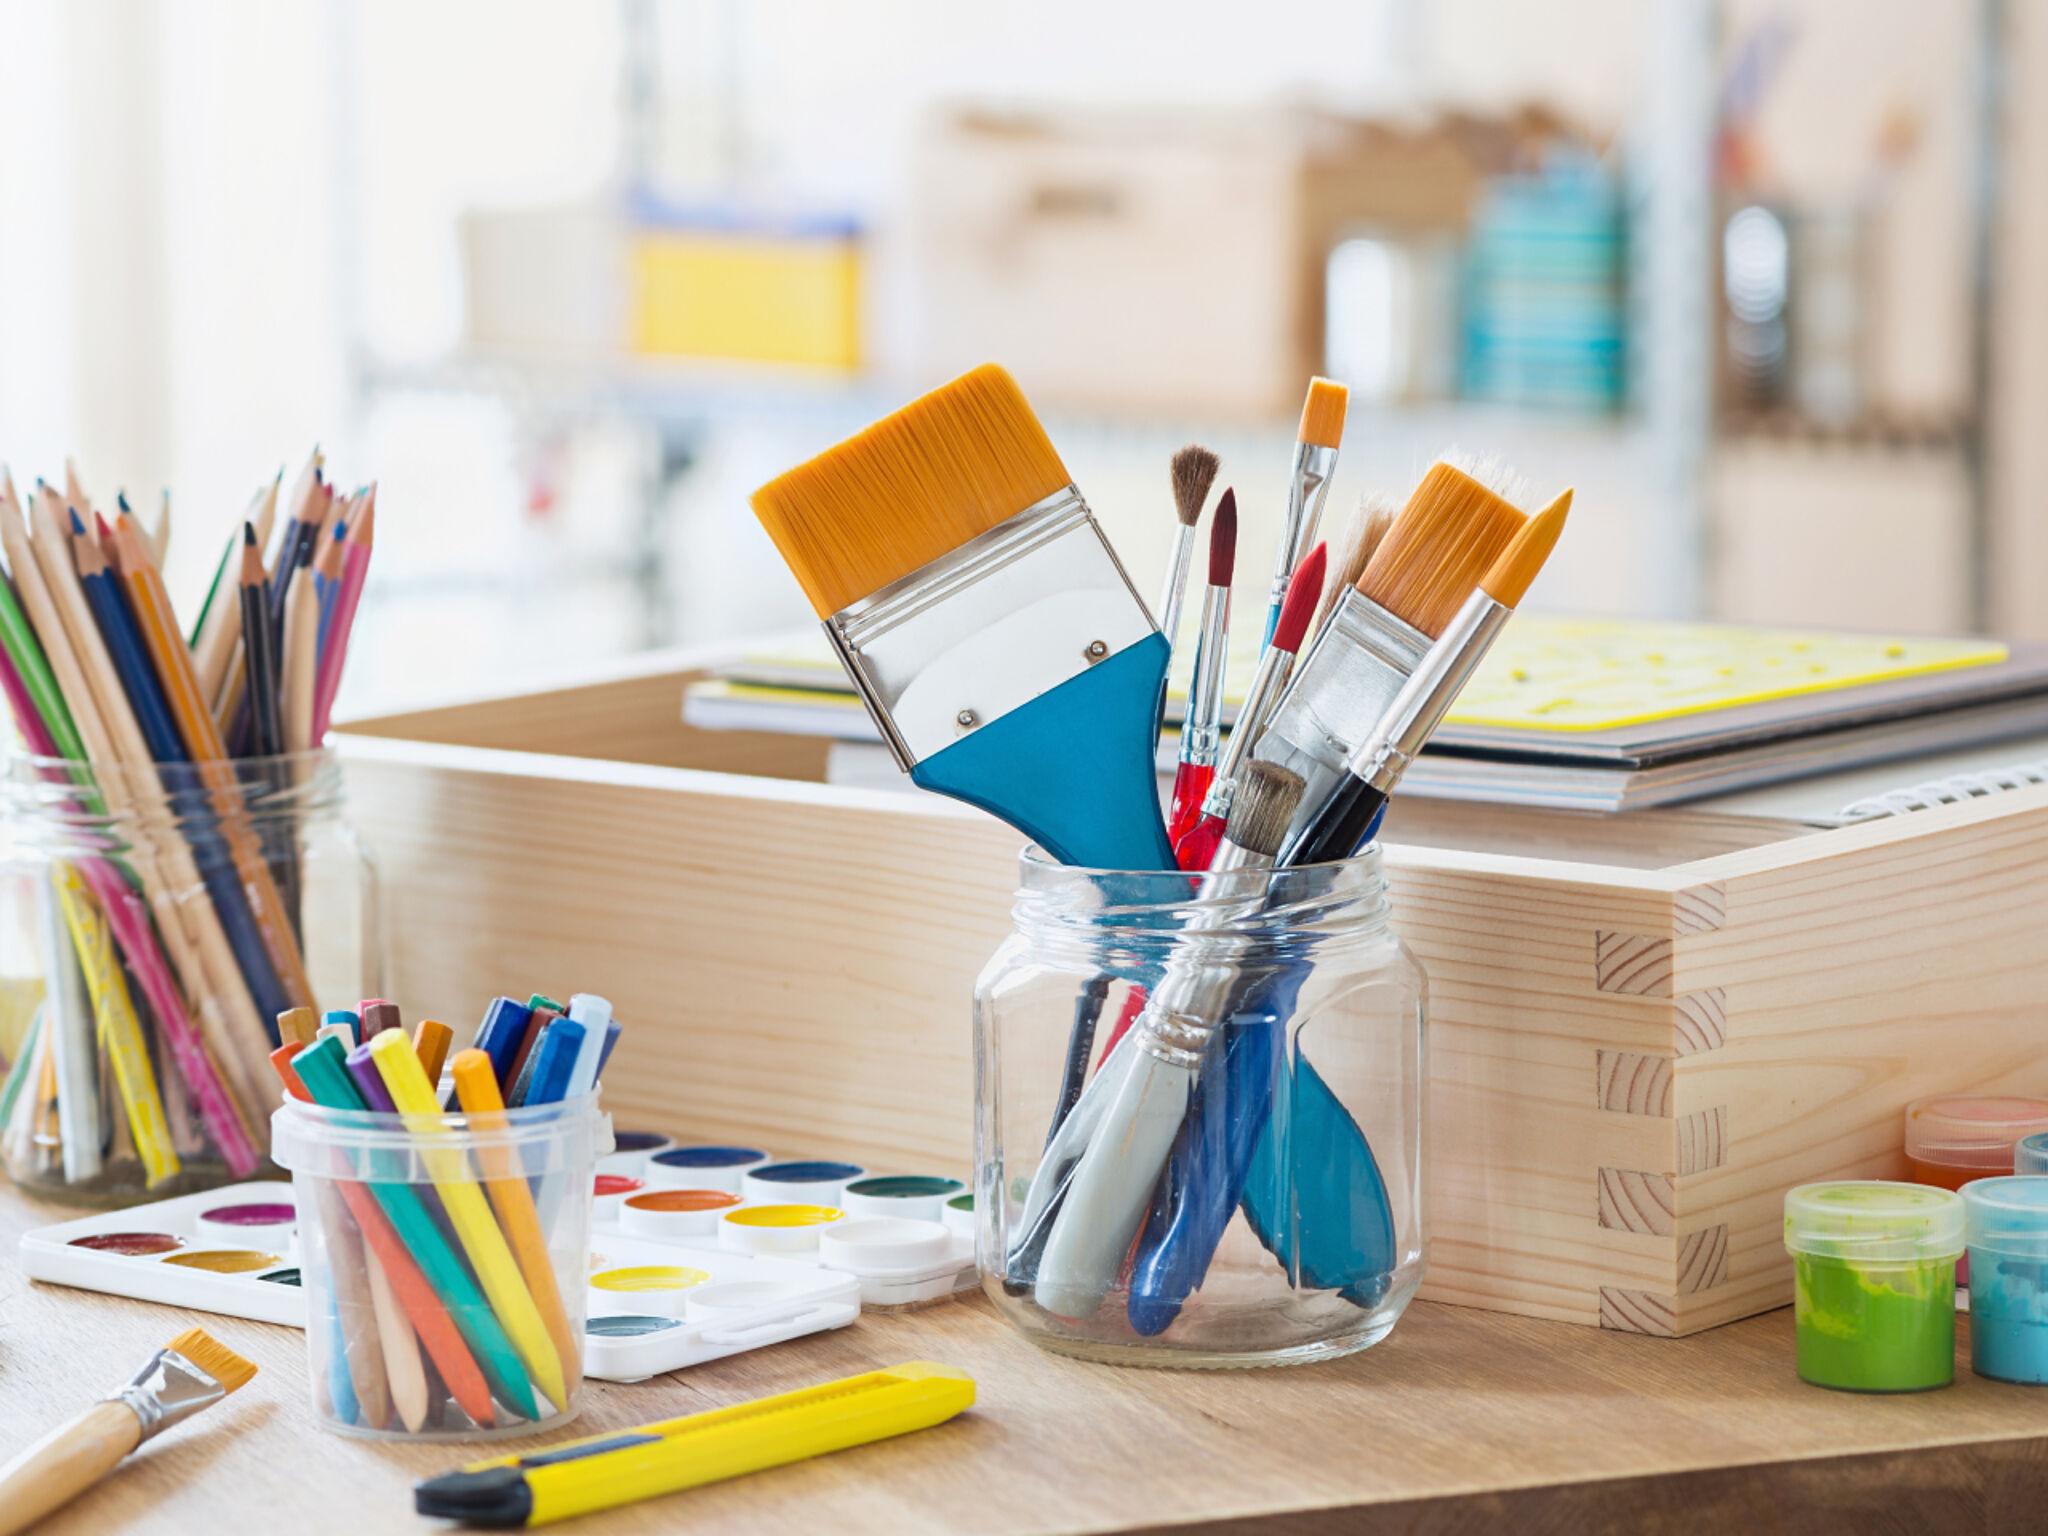 絵を描く道具の画像